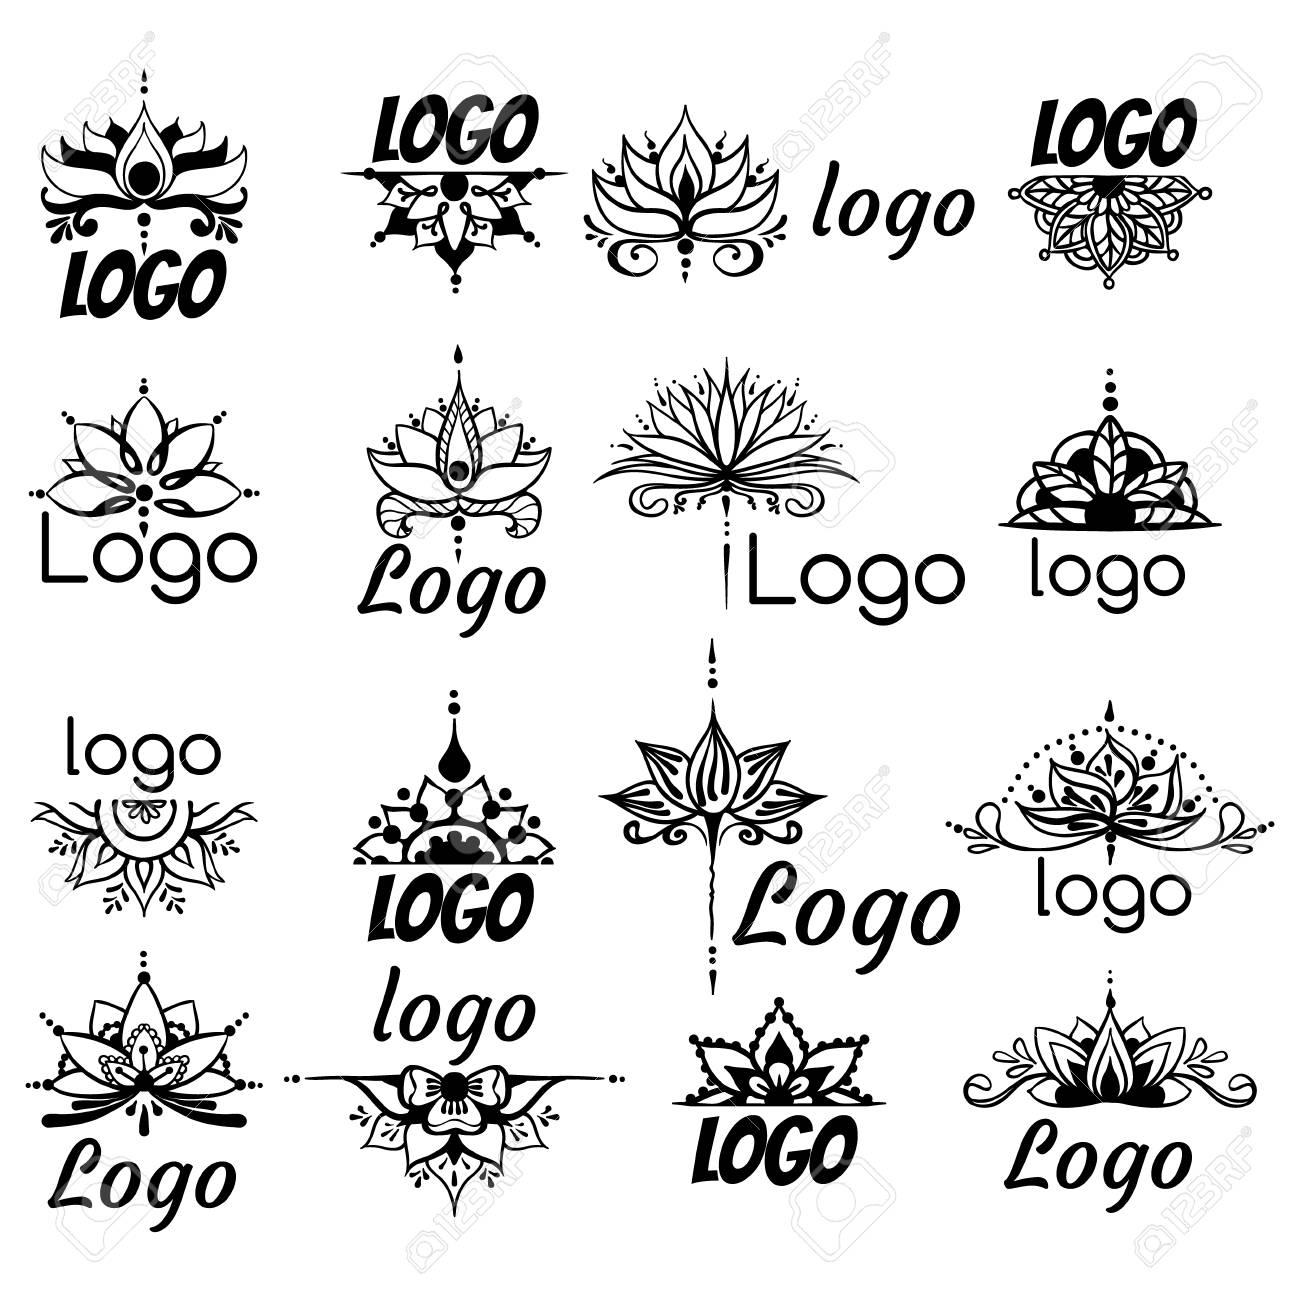 Dieciséis Dibujos A Mano Alzada De Logotipos Con Flores De Loto En